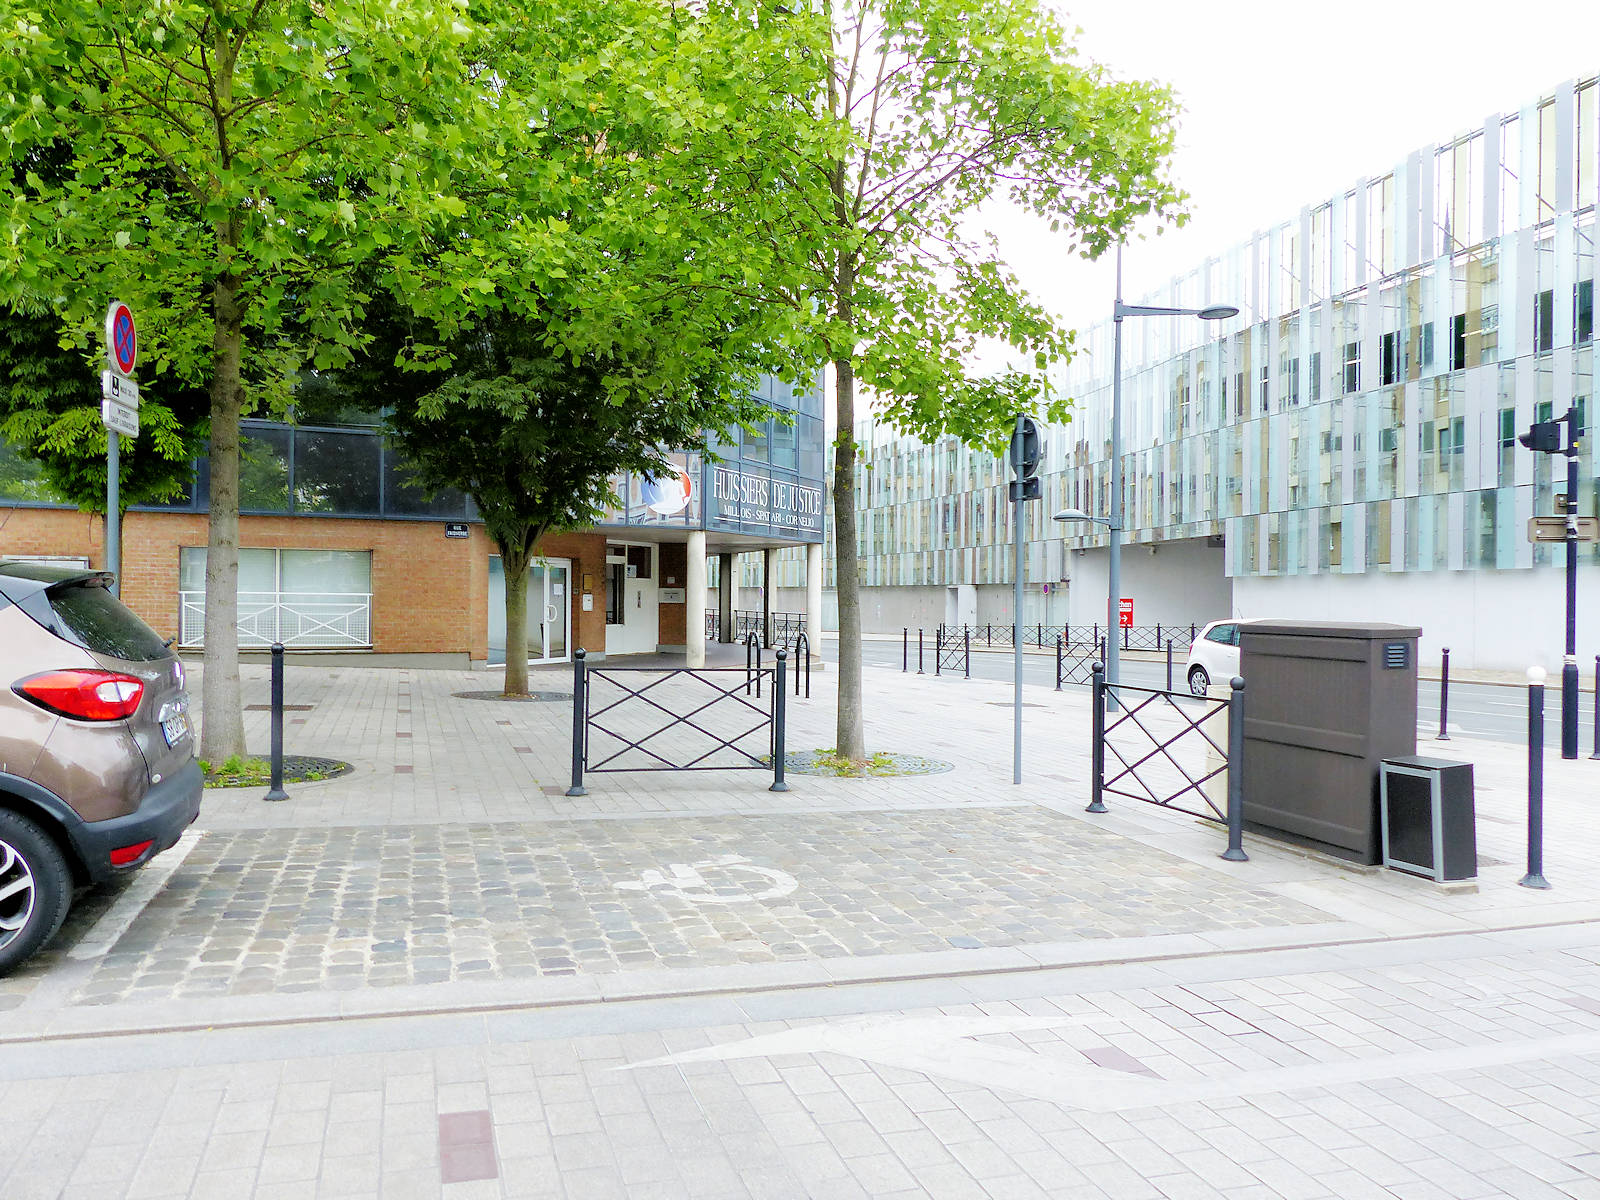 Stationnement Handicapés - Huissier Millois, Tourcoing